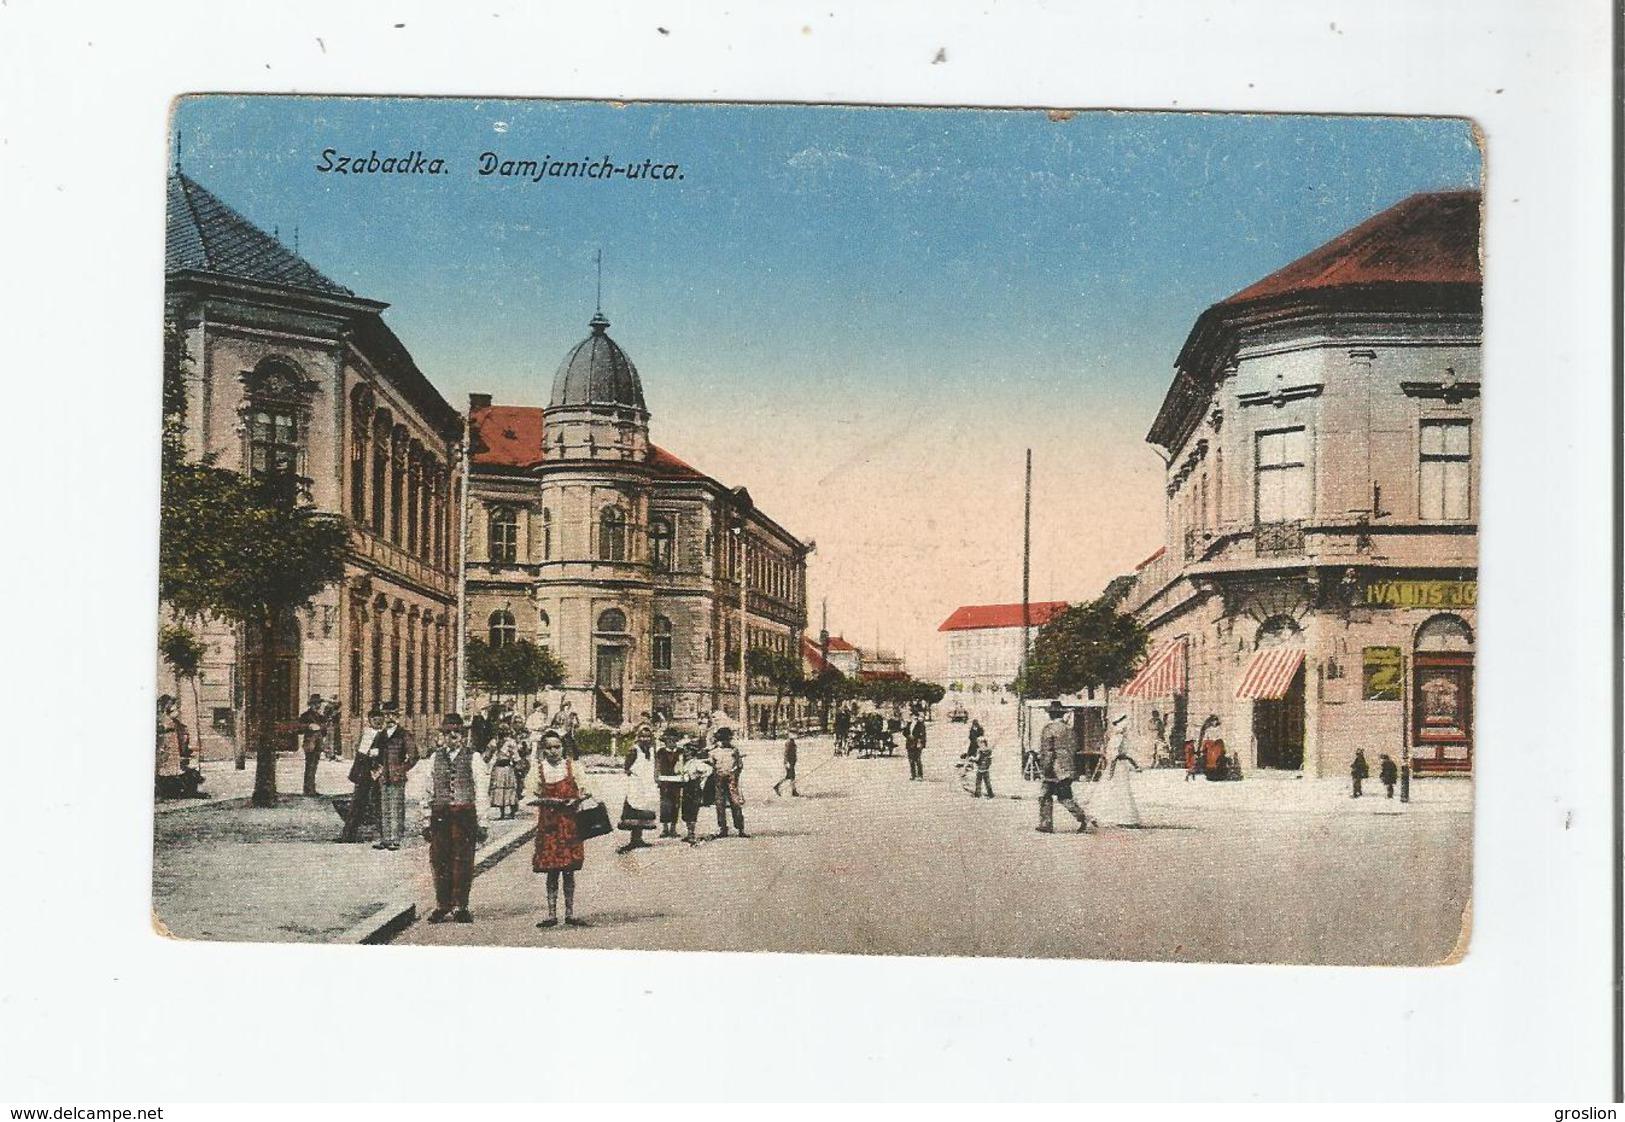 SZABADKA (SUBOTICA SERBIE) DAMJANICH UTCA 1919 - Serbie